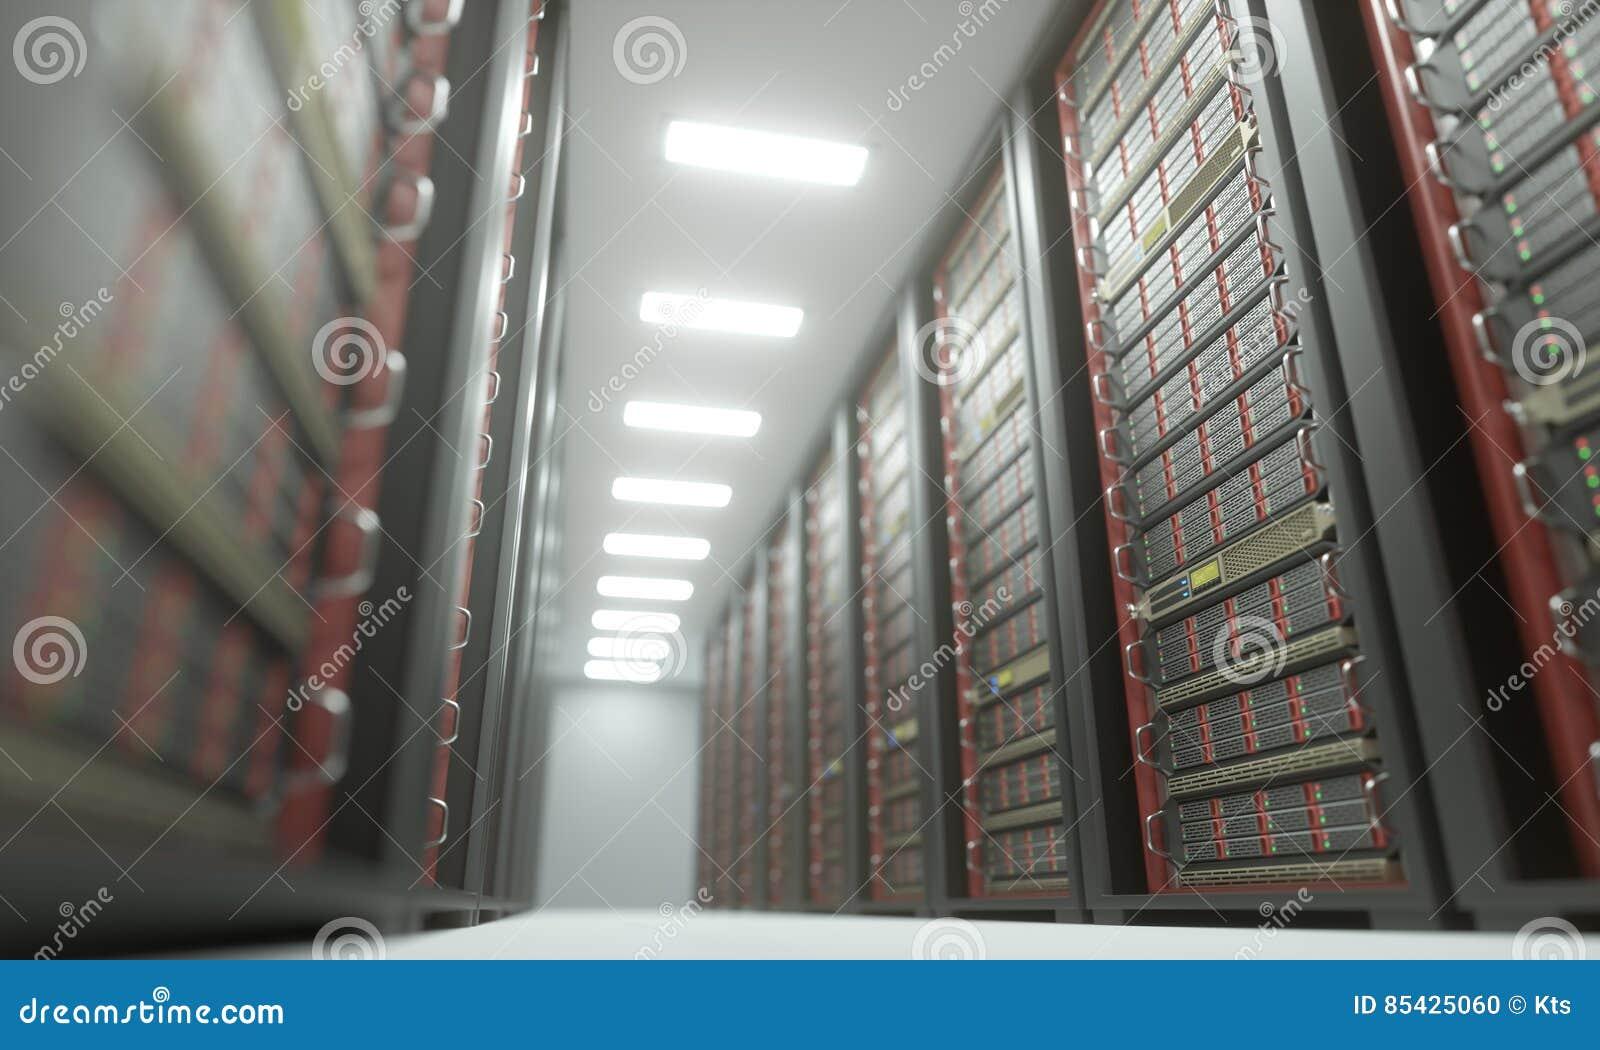 Κέντρο δεδομένων δωματίων κεντρικών υπολογιστών